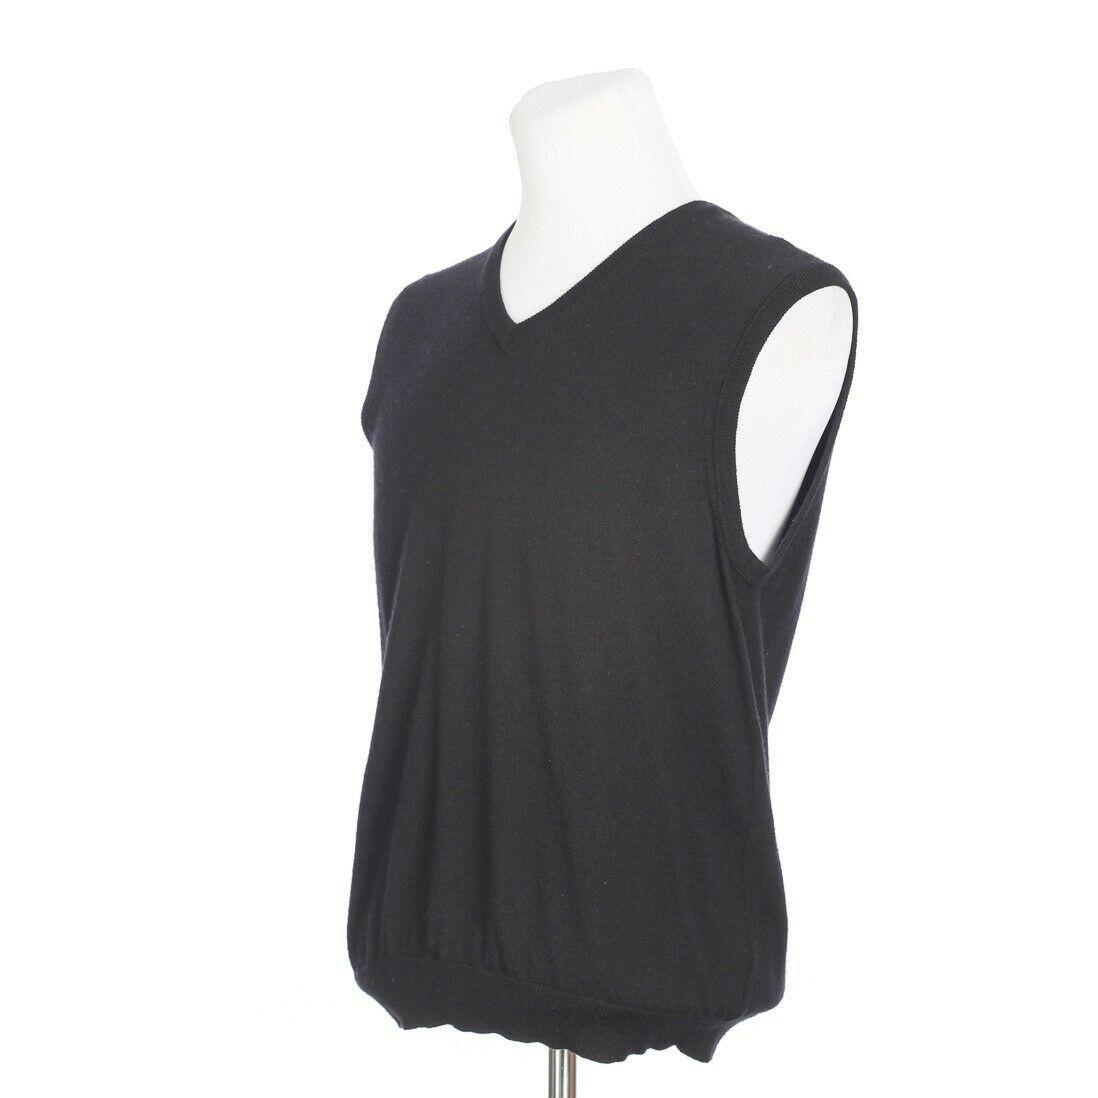 Brooks Brothers Extra Fine Merino Wool Solid Black Sweater Vest Mens Medium image 3